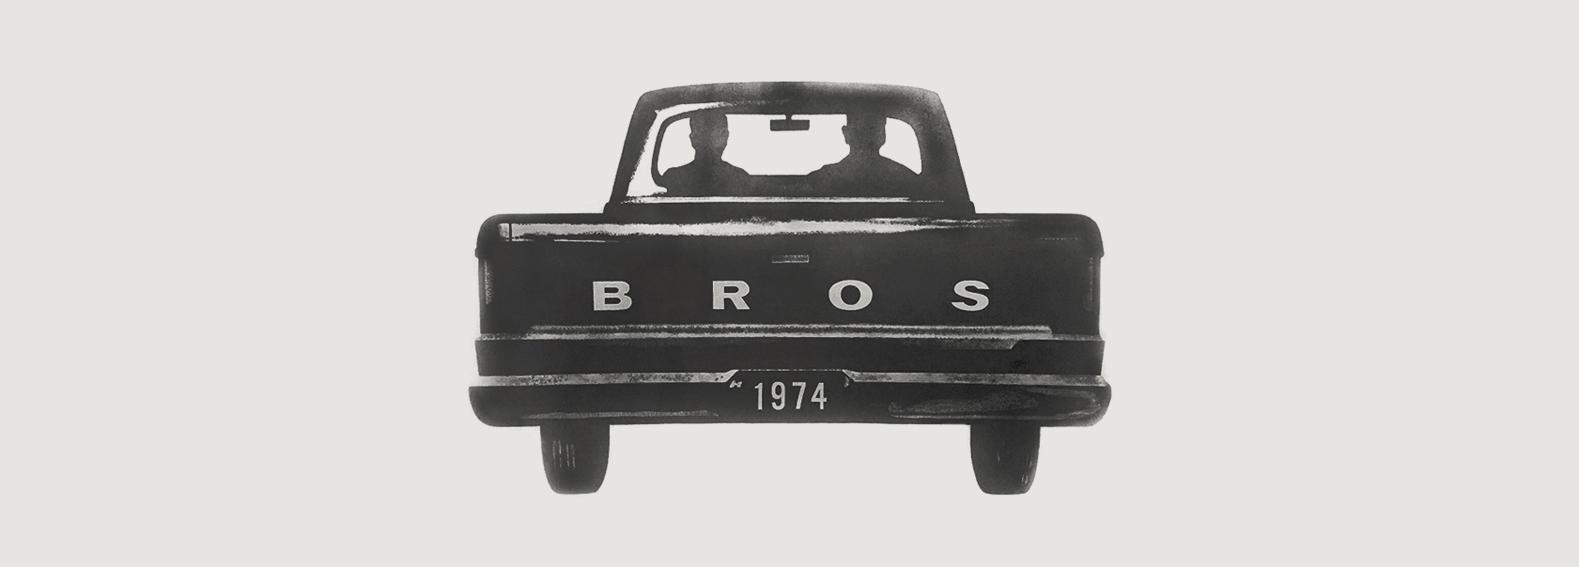 BBros_Truck_Contact.jpg